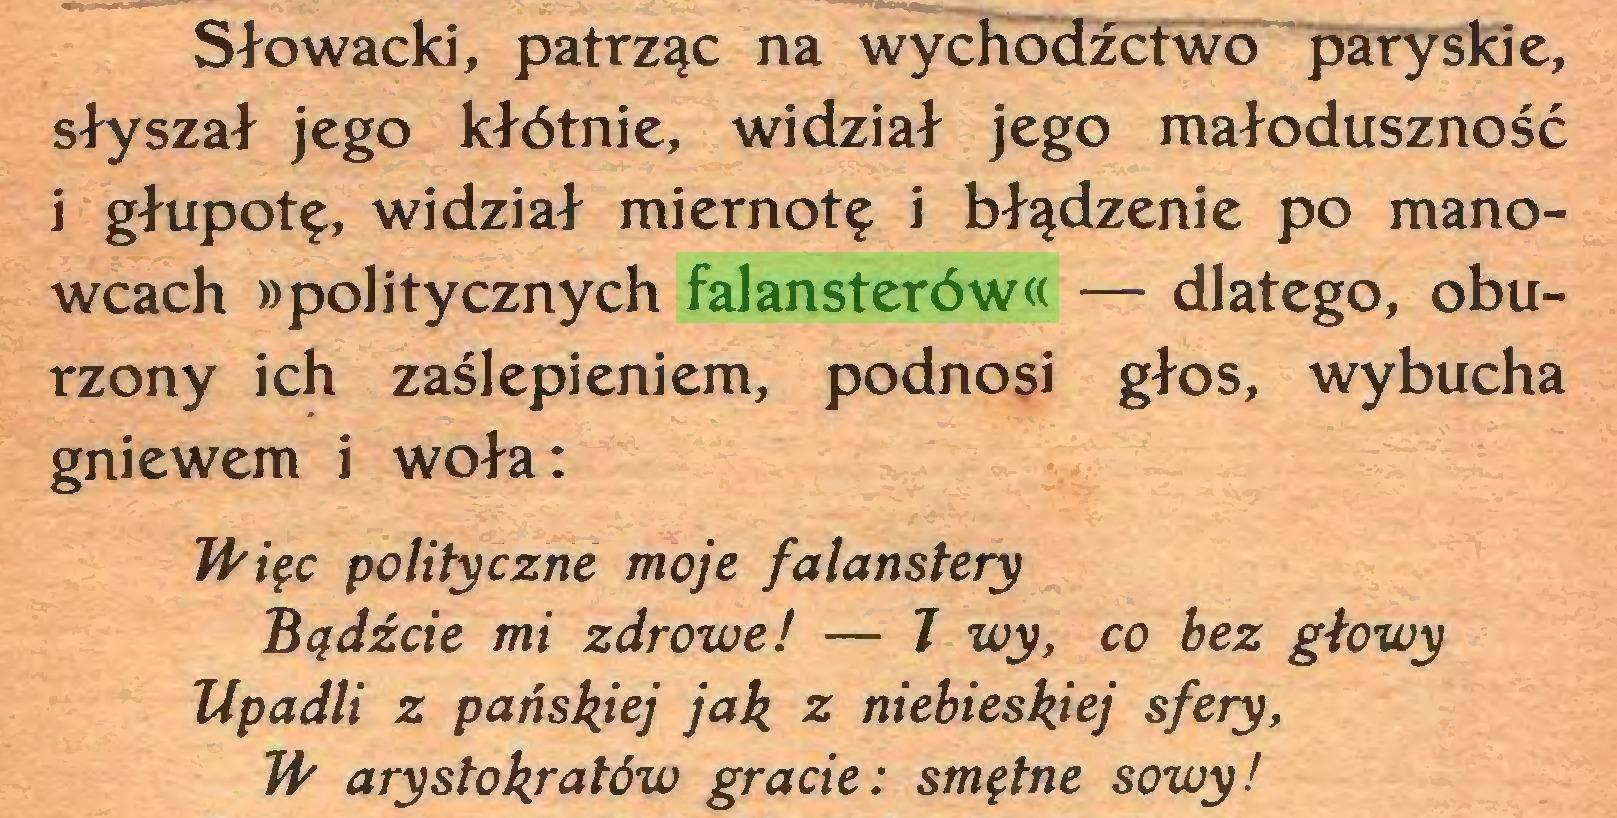 (...) Słowacki, patrząc na wychodźctwo paryskie, słyszał jego kłótnie, widział jego małoduszność i głupotę, widział miernotę i błądzenie po manowcach »politycznych falansterów« — dlatego, oburzony ich zaślepieniem, podnosi głos, wybucha gniewem i woła: Więc polityczne moje falanstery Bądźcie mi zdrowe! — J wy, co bez głowy Upadli z pańskiej jak z niebieskiej sfery, W arystokratów gracie: smętne sowy!...